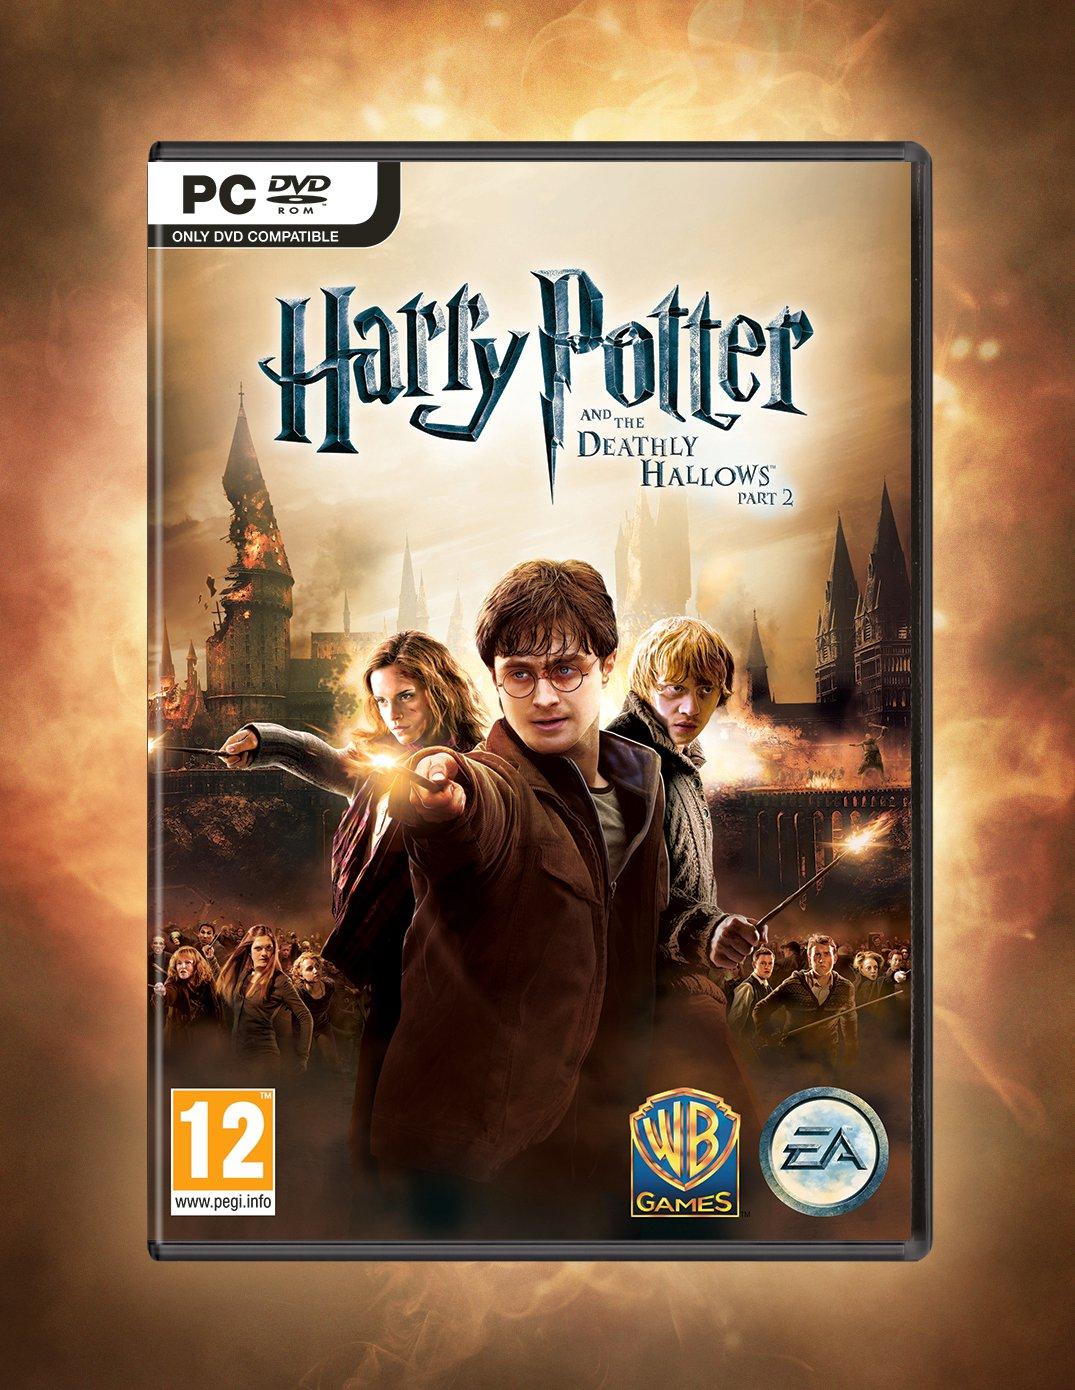 Гарри поттер и дары смерти часть 2 яндекс диск